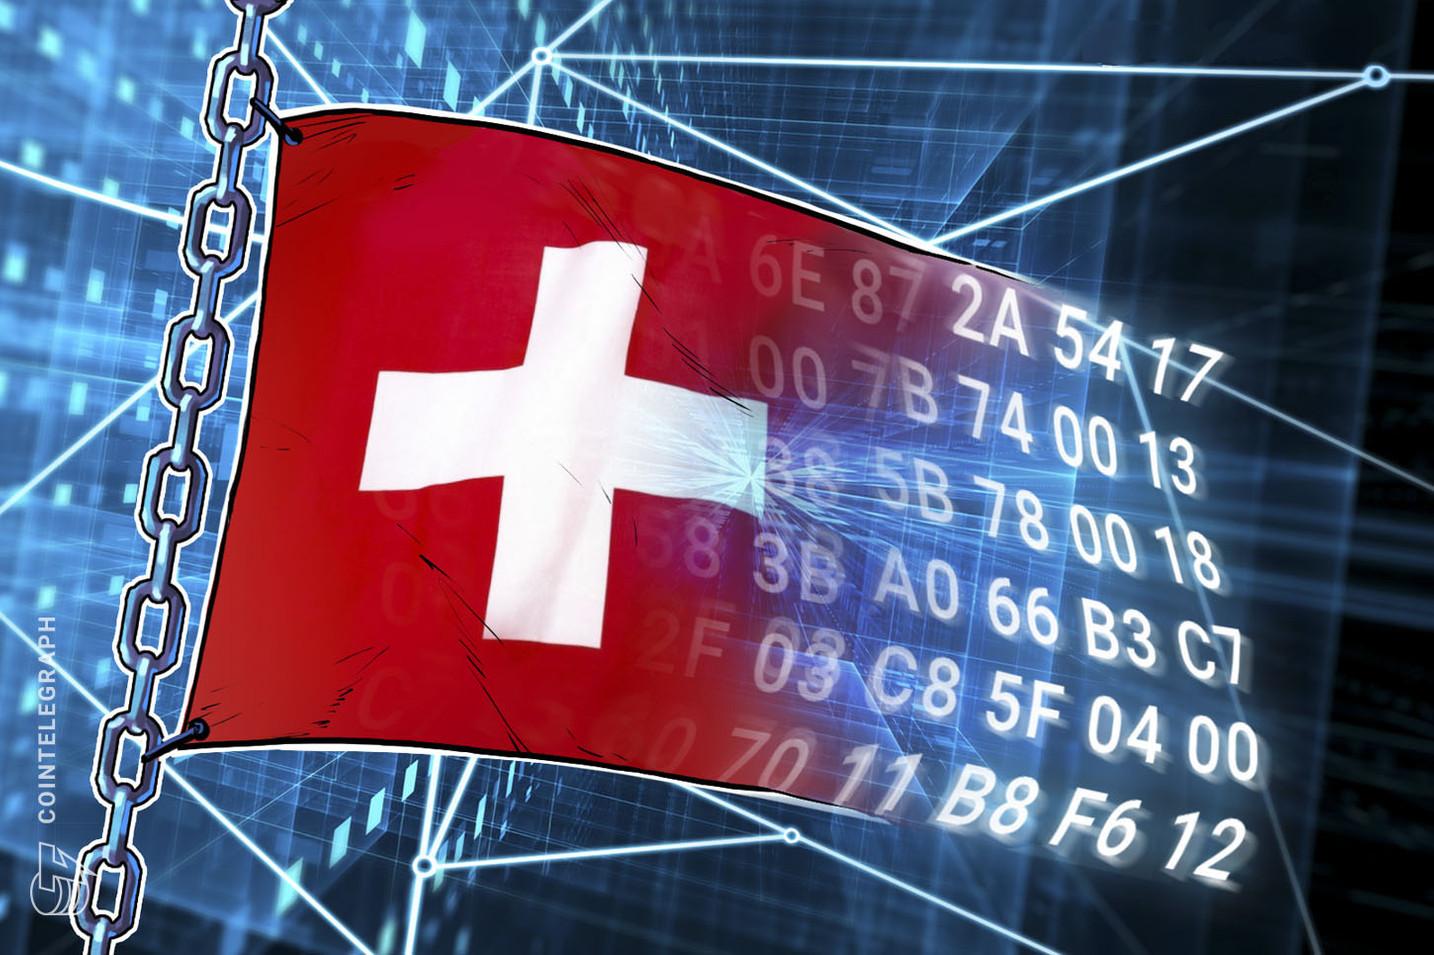 スイス「クリプトバレー」で新たなブロックチェーン・インキュベーター、年60社の支援目指す